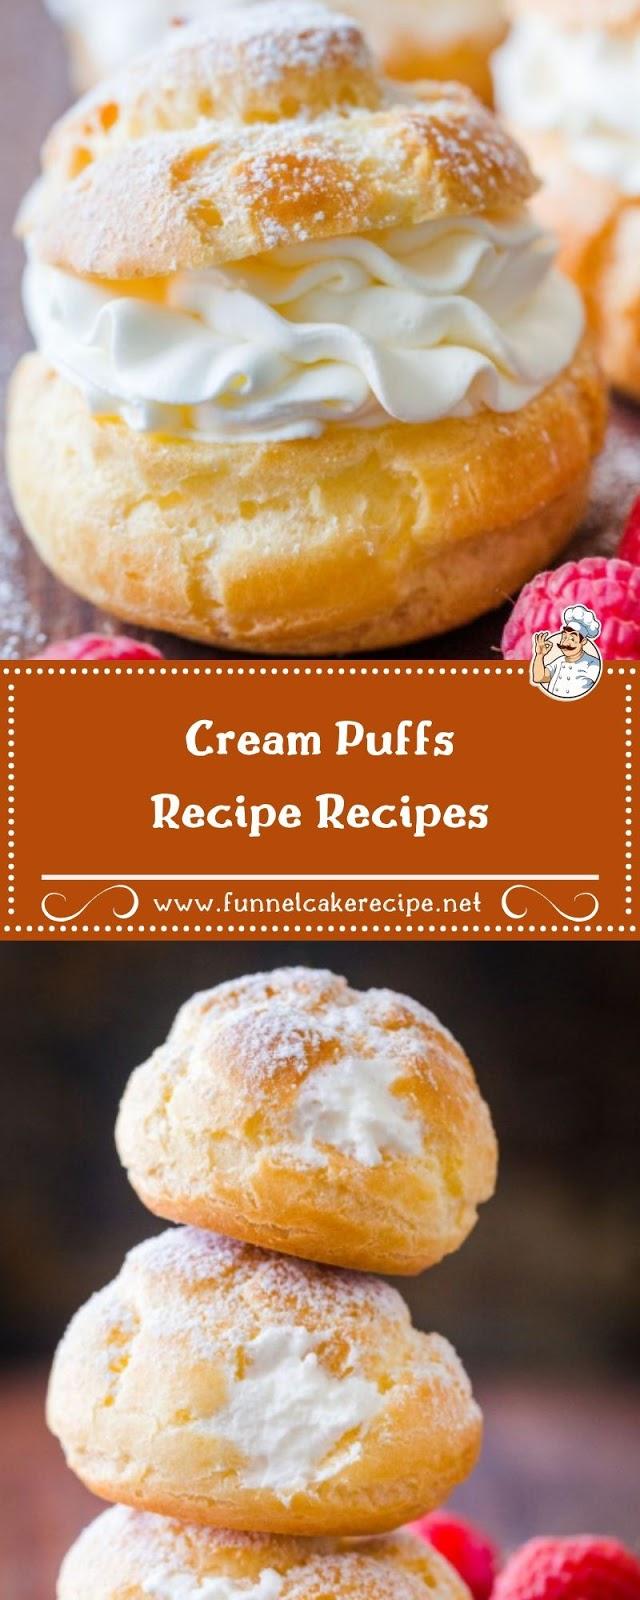 Cream Puffs Recipe Recipes